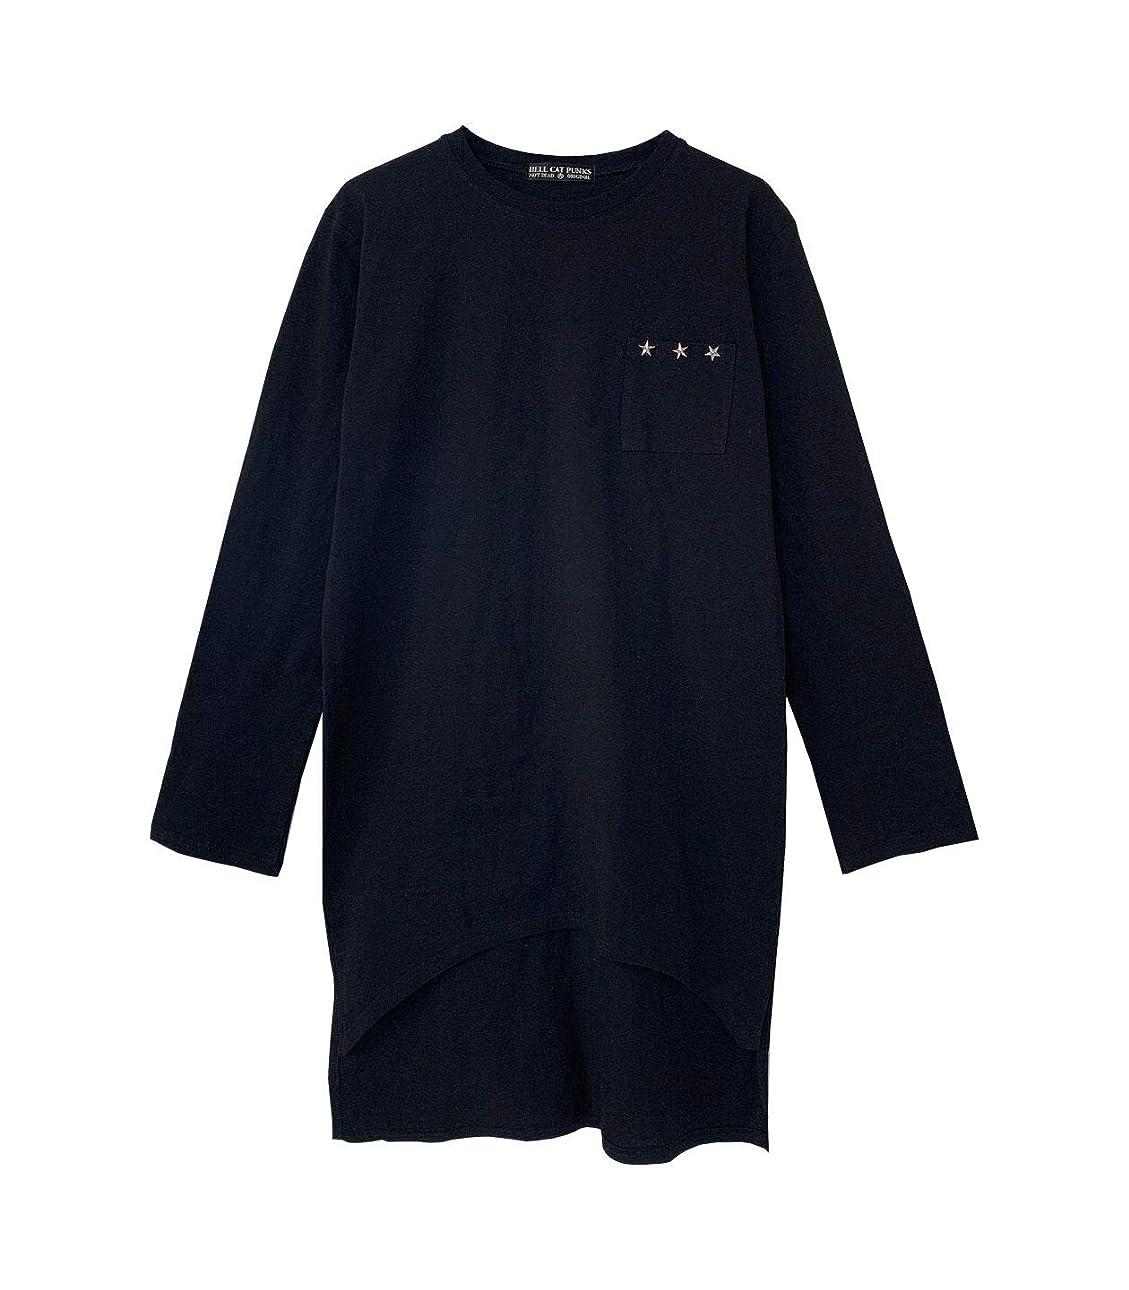 評価するワーカー習字HELLCATPUNKS(ヘルキャットパンクス) スタースタッズ ロングスリーブTシャツ HCP-T-0080 (BLACK-F)